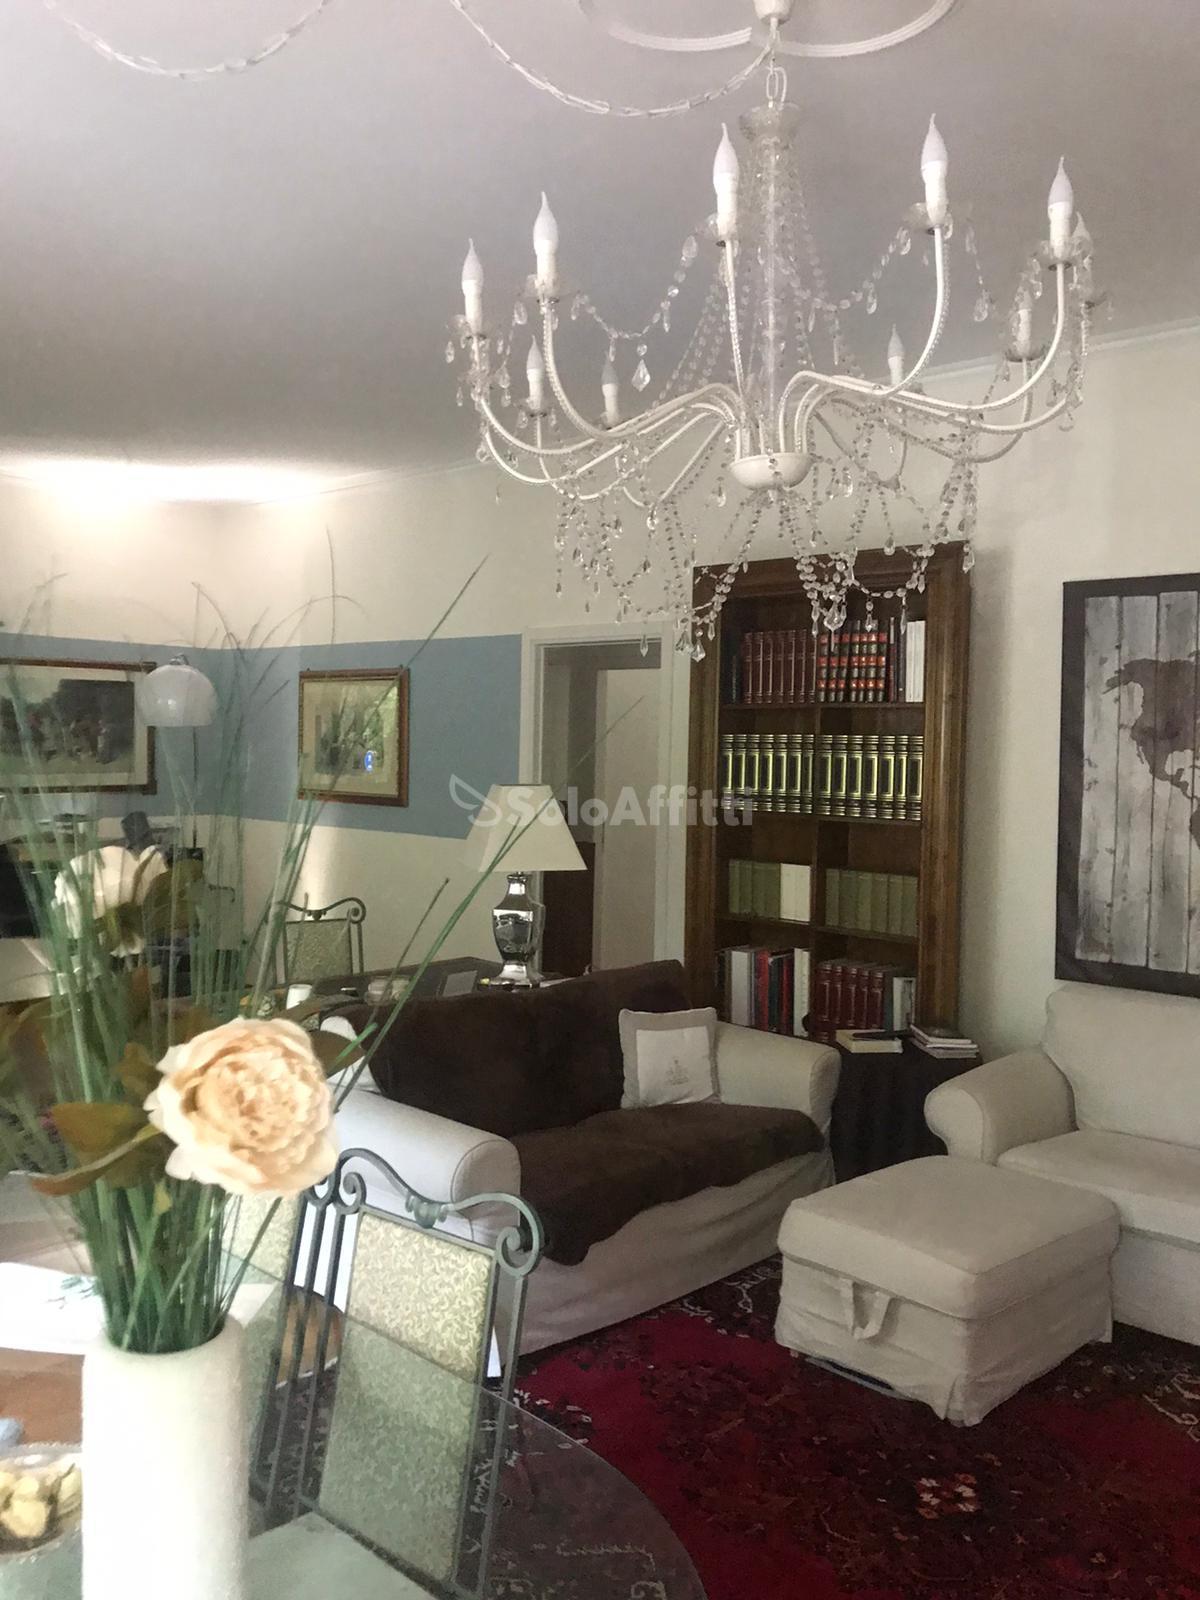 SoloAffittiParma1,appartamento tre camere cittadel